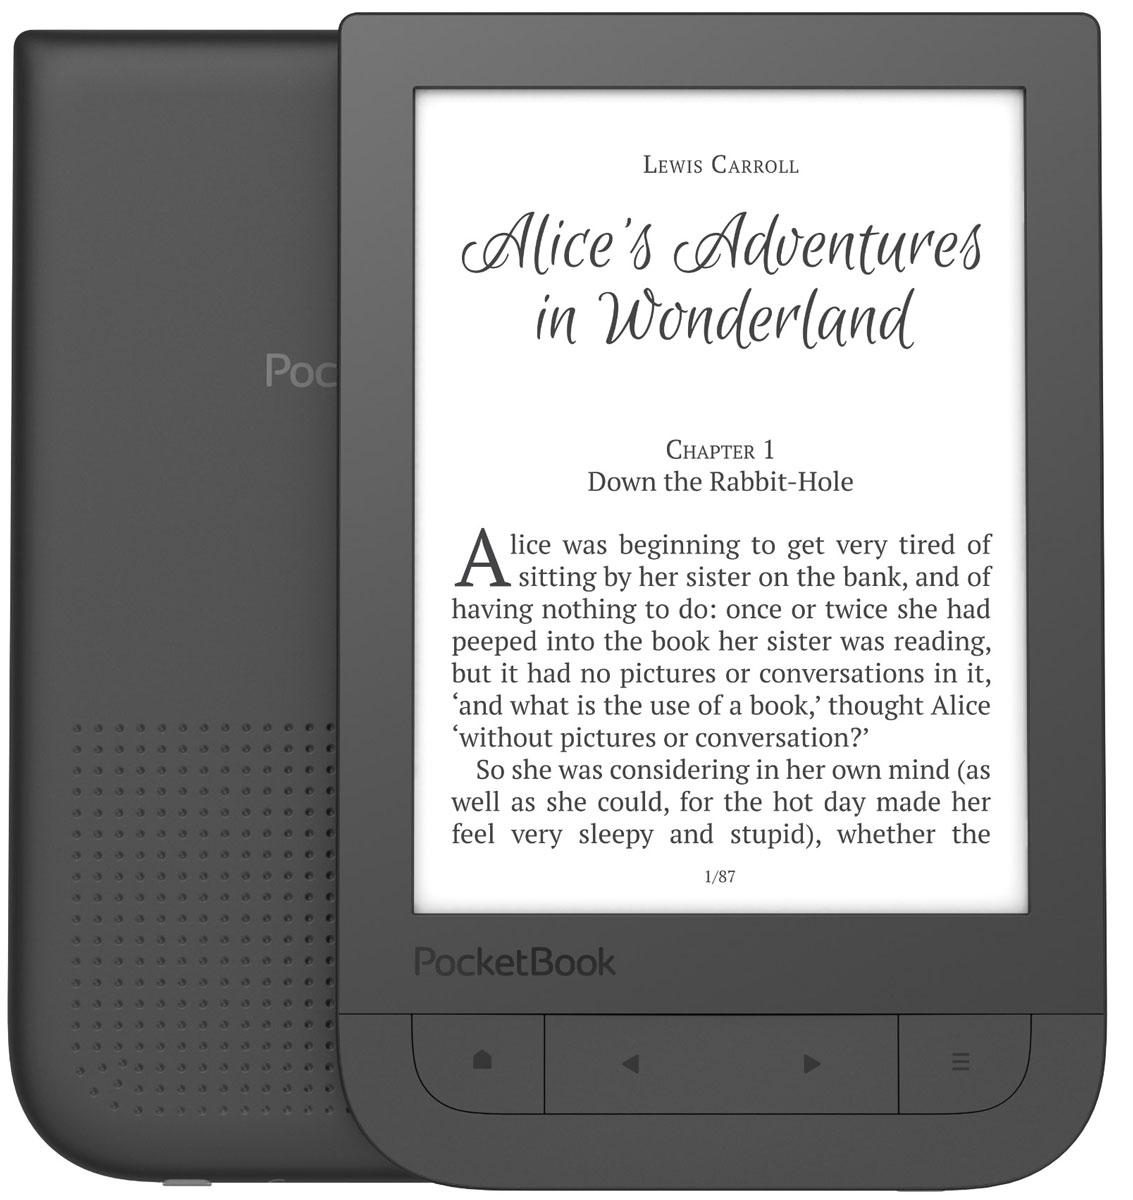 OZON.ruPB631-E-RUPocketBook 631 Touch HD выполнен в лучших традициях PocketBook, обладает инфракрасным мультисенсорным экраном, светодиодной подсветкой, встроенным Wi-Fi модулем, 8 ГБ встроенной памяти, производительным процессором с тактовой частотой 1 ГГц и 512 МБ оперативной памяти. Инфракрасный экран E Ink Carta с HD разрешением (1072х1448) и 300 DPI, гарантирует высокую контрастность, четкость изображения и баланс между белым и черным цветами электронной страницы. Ридер станет приятным сюрпризом для тех, кто любит читать и слушать музыку одновременно. PocketBook 631 Touch HD получил все необходимые функции для воспроизведения аудио-файлов - поддерживает формат mp3, имеет стандартный 3,5 мм аудио-разъем. Те же функции дают возможность слушать аудио-книги в формате mp3. Благодаря функции Text-to-speech, которая преобразует текст в устную речь, ридер может читать вслух книгу или документ в любом из 18 текстовых форматов, поддерживаемых устройством. Пользователь...